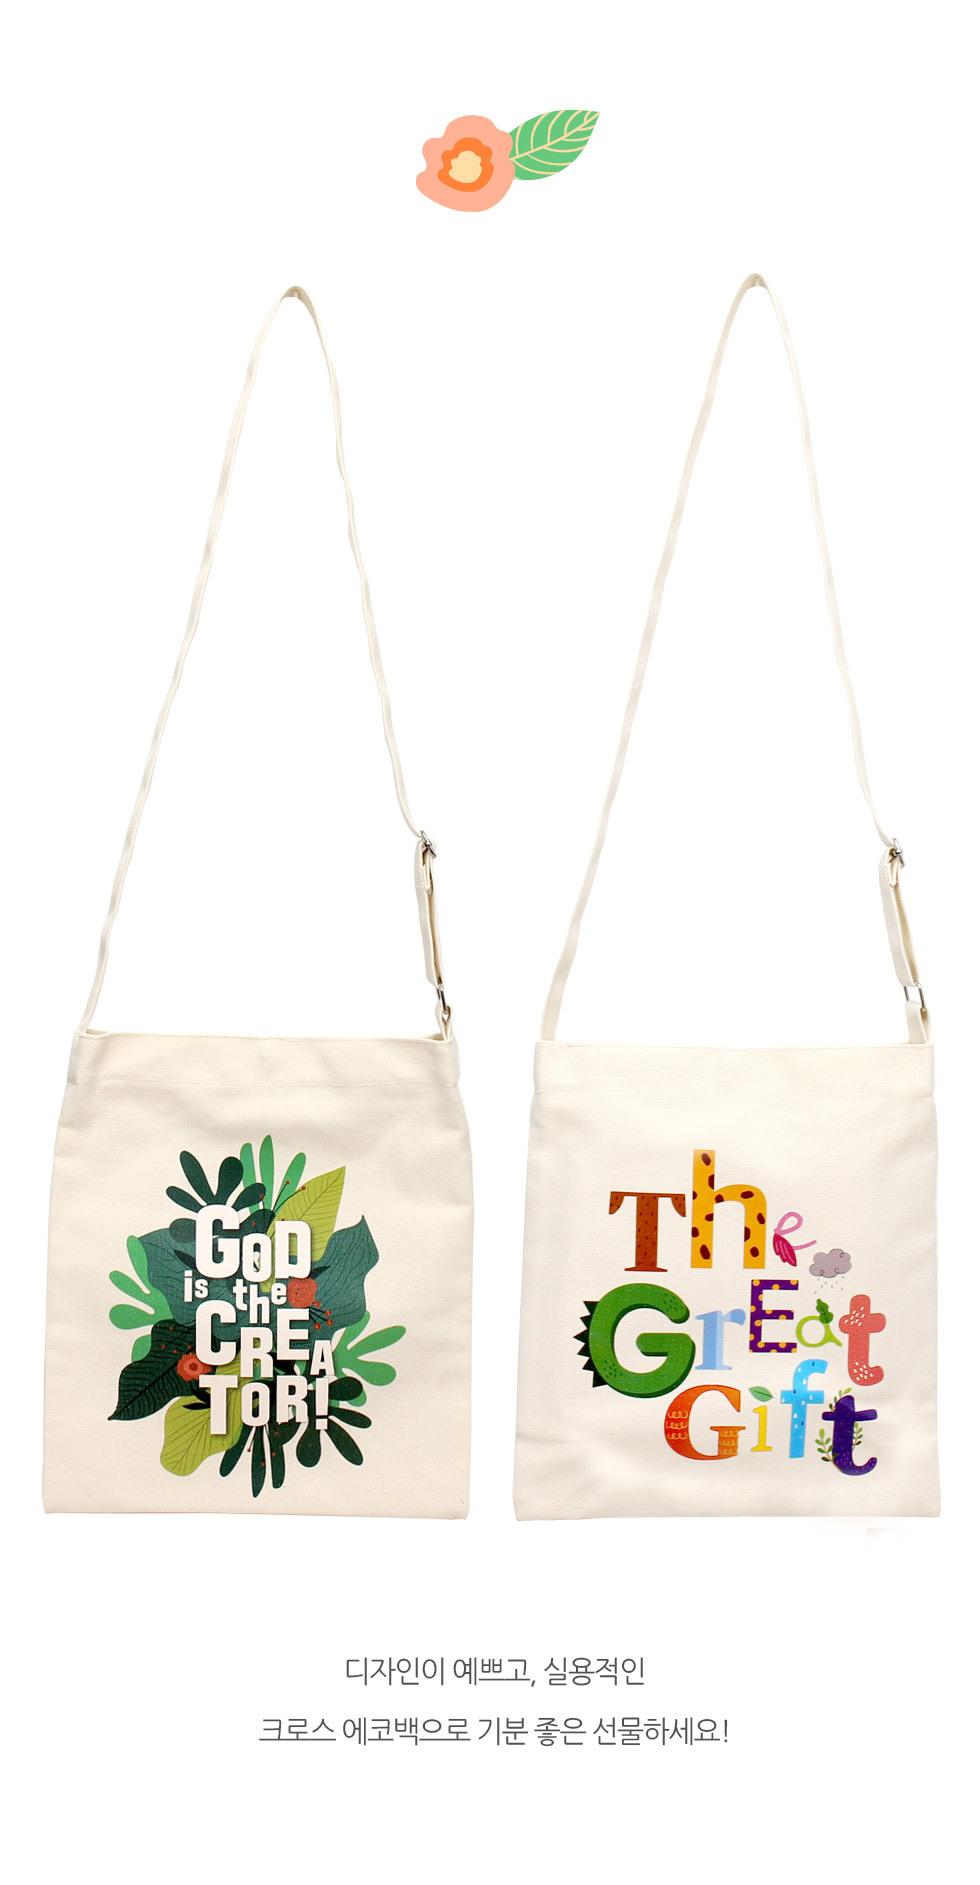 캔버스 크로스백 God is the Creator, The Great Gift (창조주꽃,동물) 크로스 에코백 교회가방 교회학교 단체가방 보조가방 디자인이 예쁘고 실용적인 메시지에코백